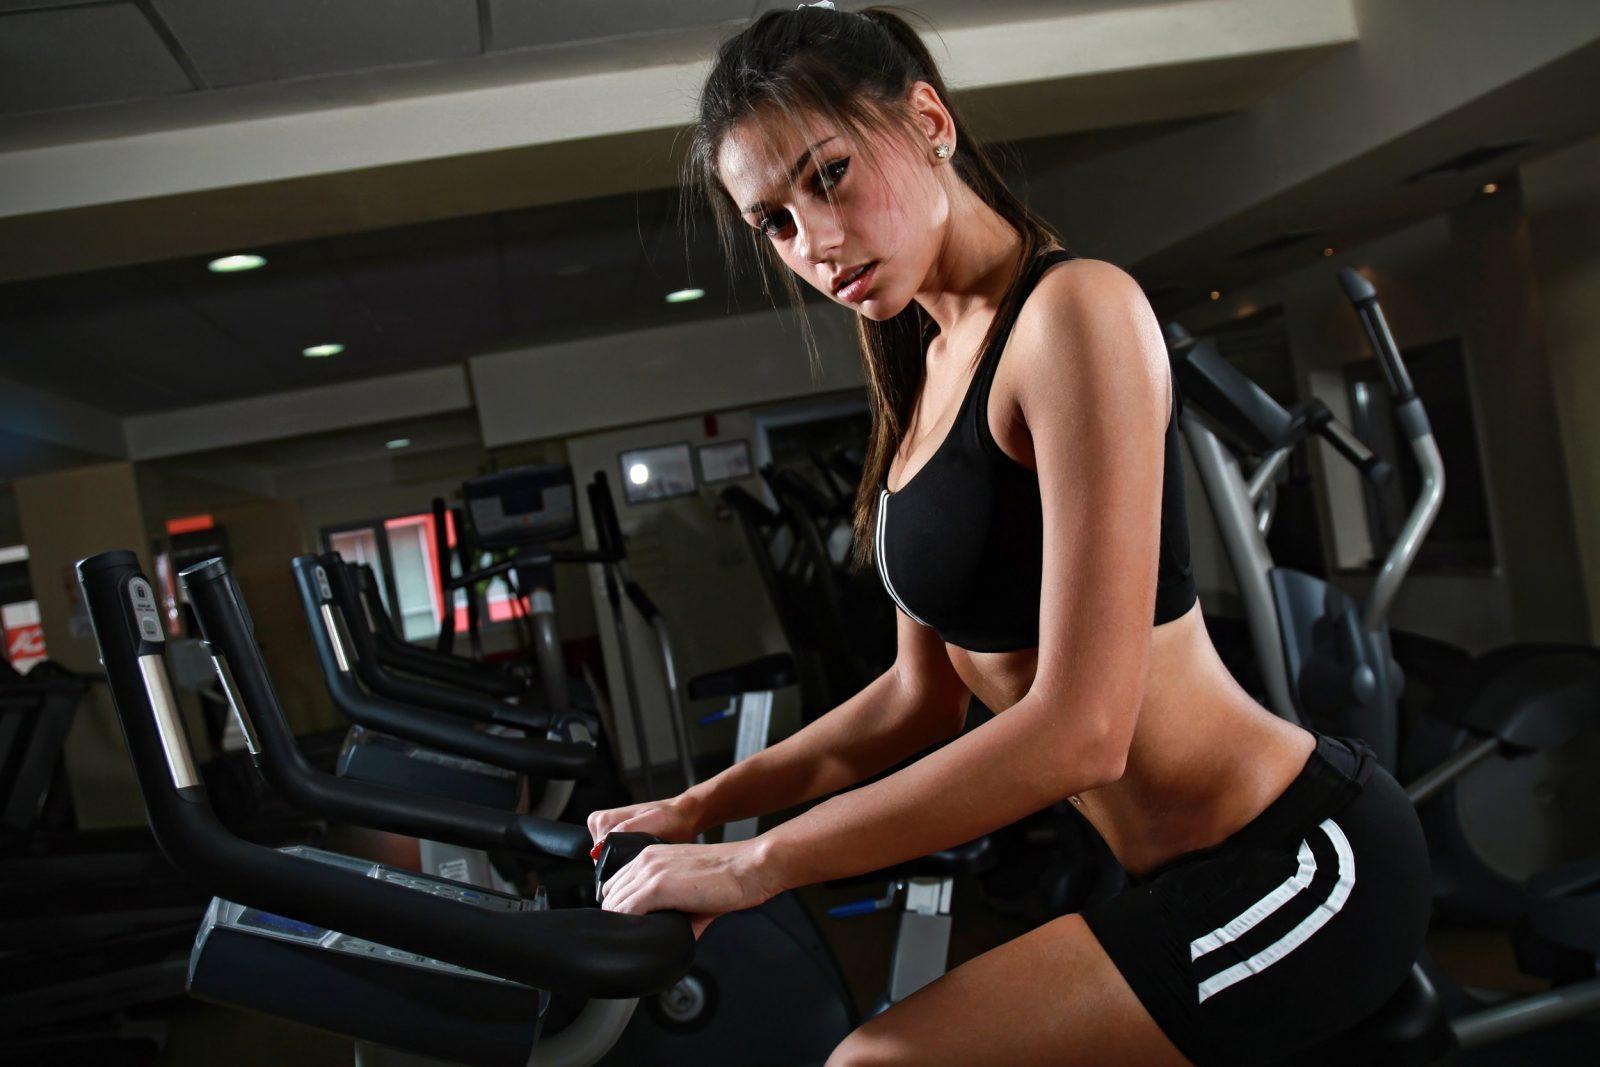 Фото девушек в фитнес зале, Спортивные девушки (37 фото) 17 фотография